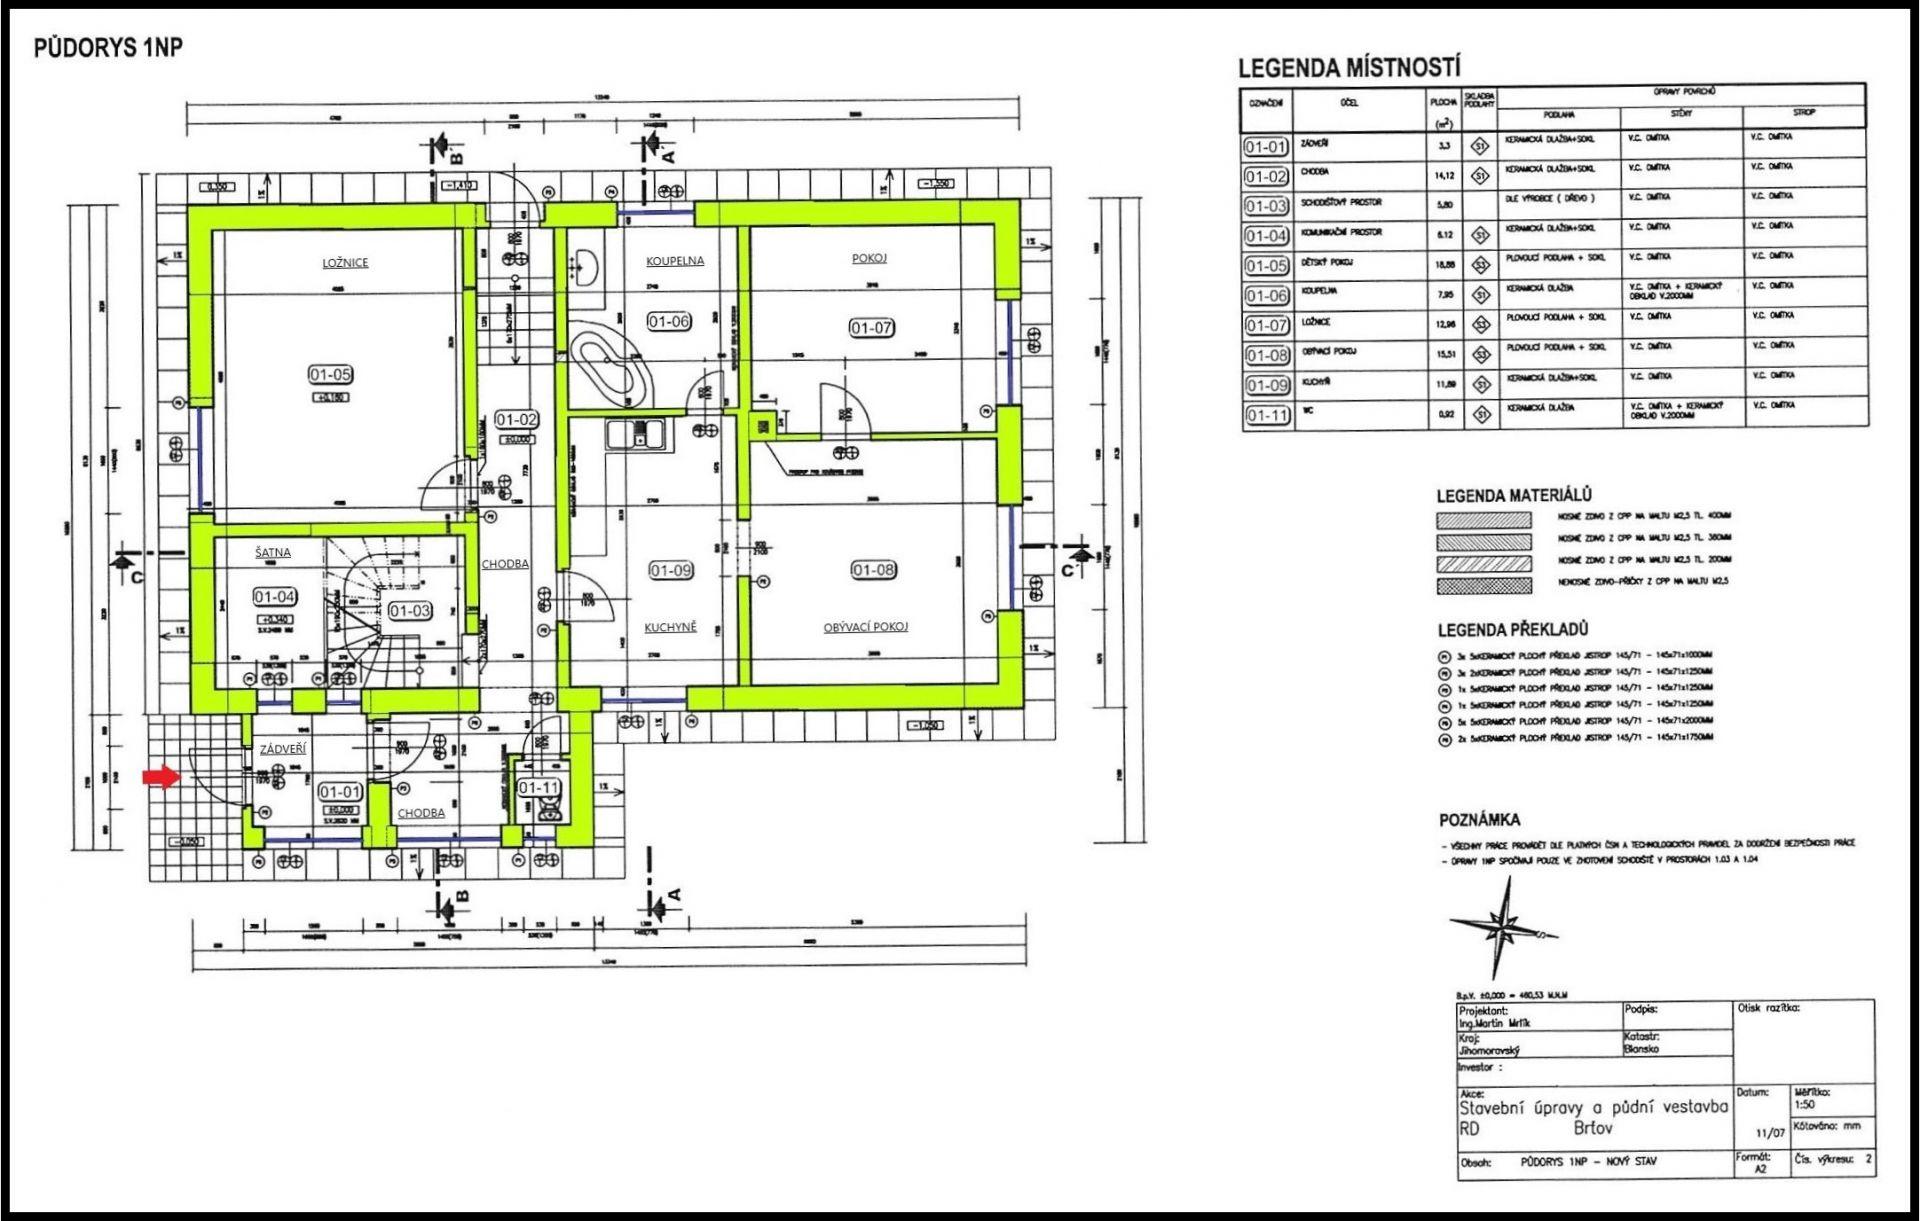 plan_1np